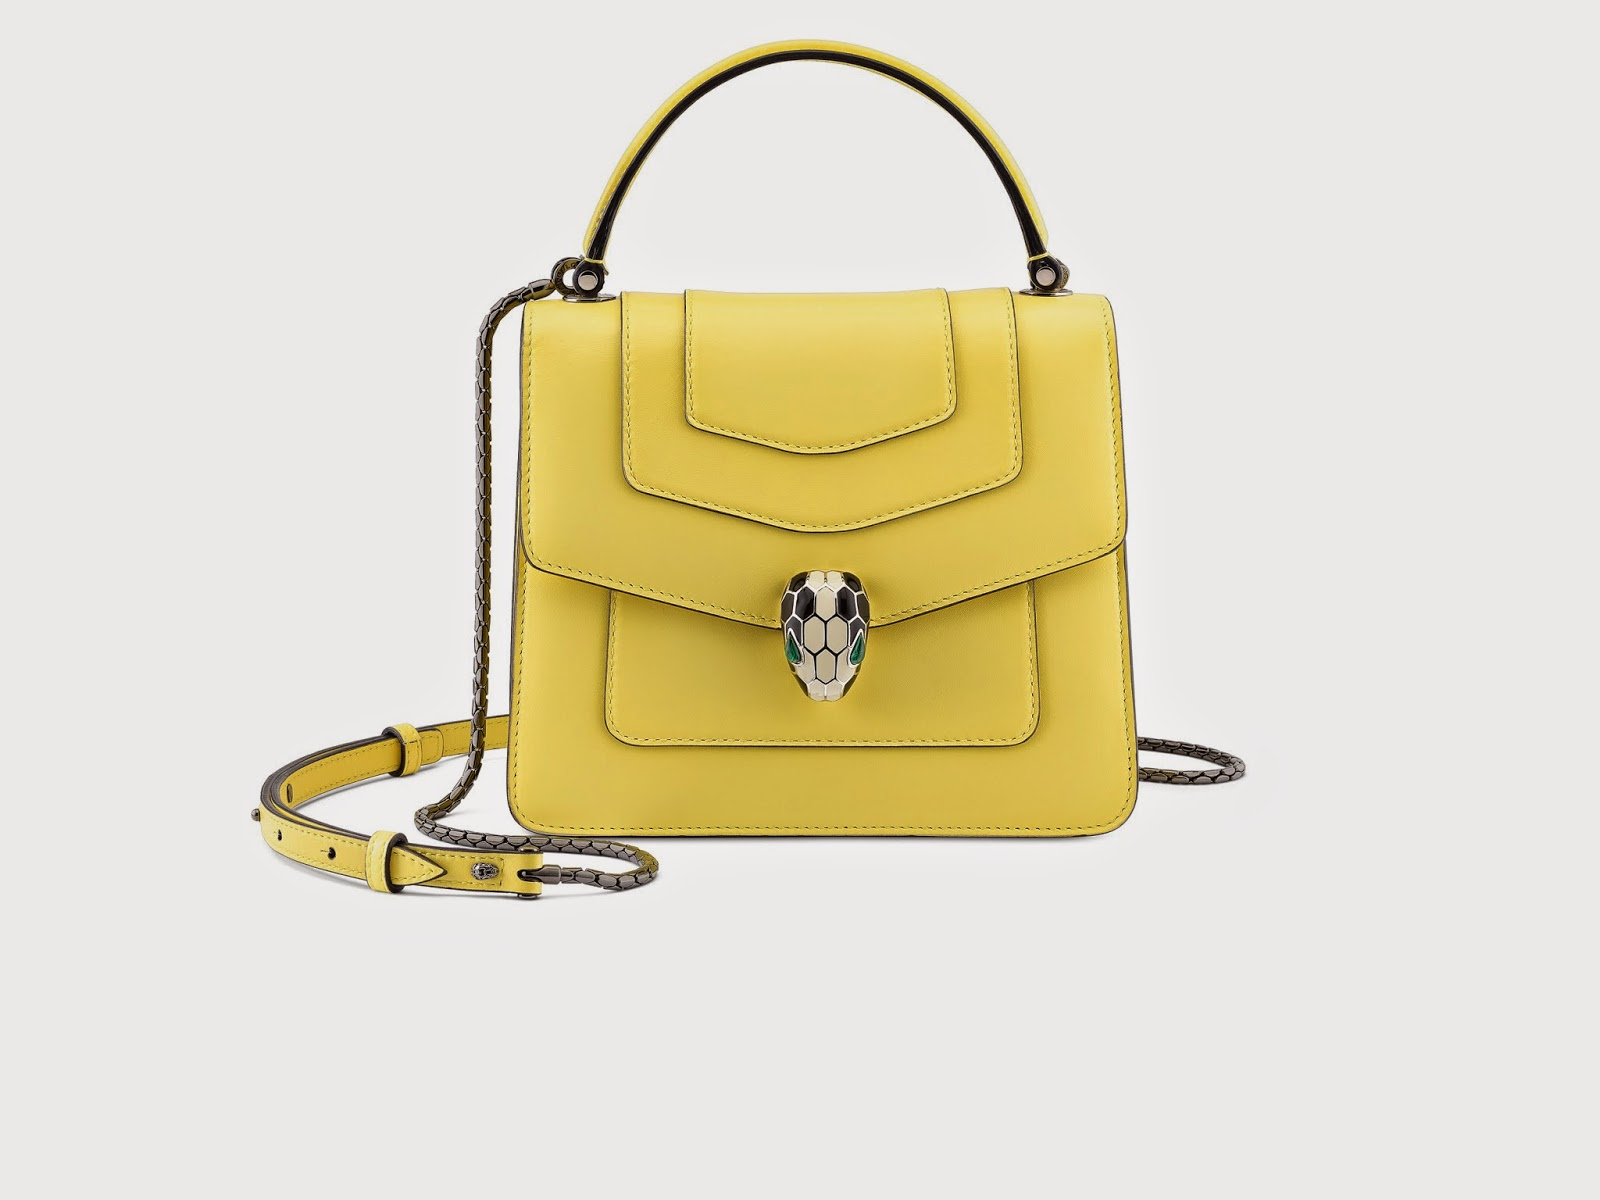 New Bulgari Spring/Summer 15 Bags